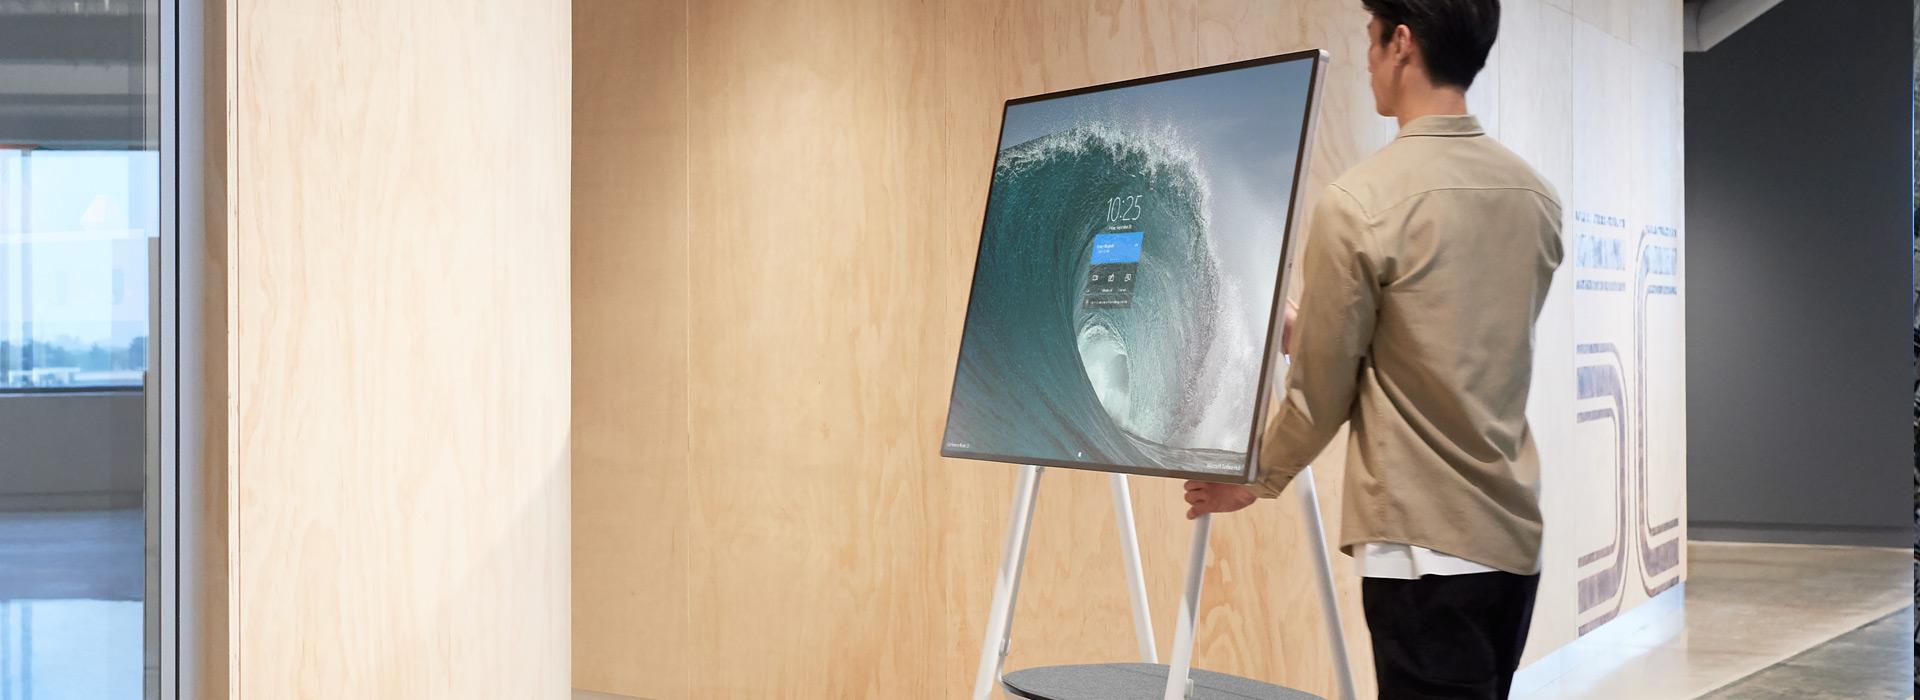 Ein Mann transportiert Surface Hub 2S auf einem mobilen Rollständer